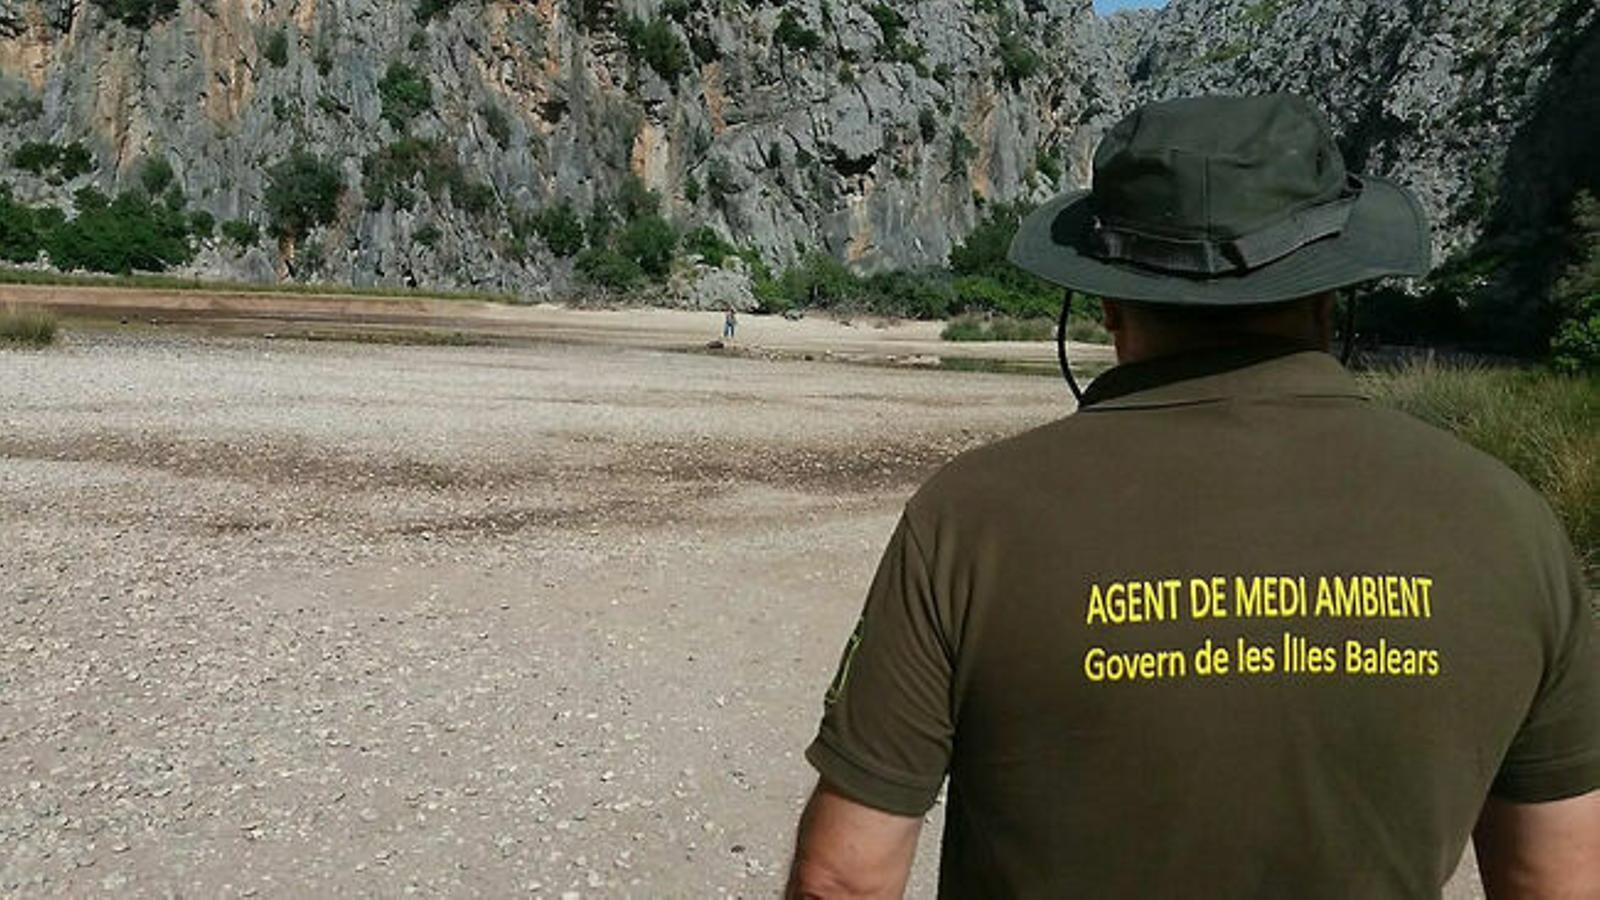 Els agents de Medi Ambient fan més de 300 serveis d'ençà que es declarà l'estat d'alarma